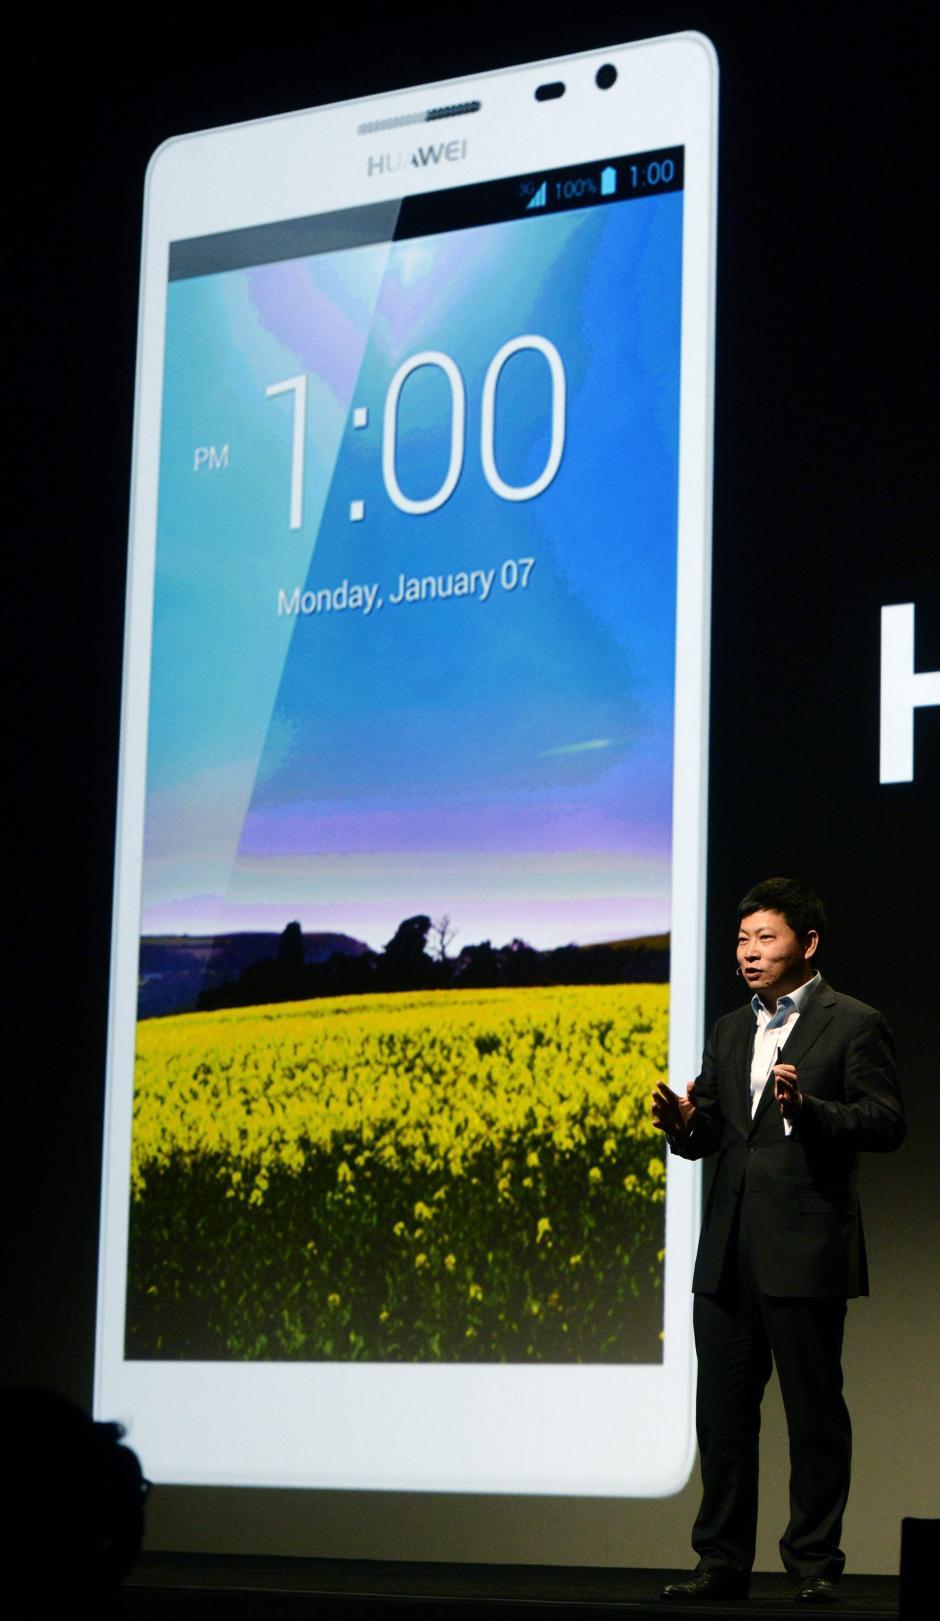 El director ejecutivo de Huawei Consumer Business Group, Richard Yu, habla de las características del nuevo smart phone Huawei Ascend Mate2 4G. La feria CES, albergará 3,200 expositores presentarán sus más recientes productos a cerca de 150,000 asistentes. (Foto: EFE/Michael Nelson)